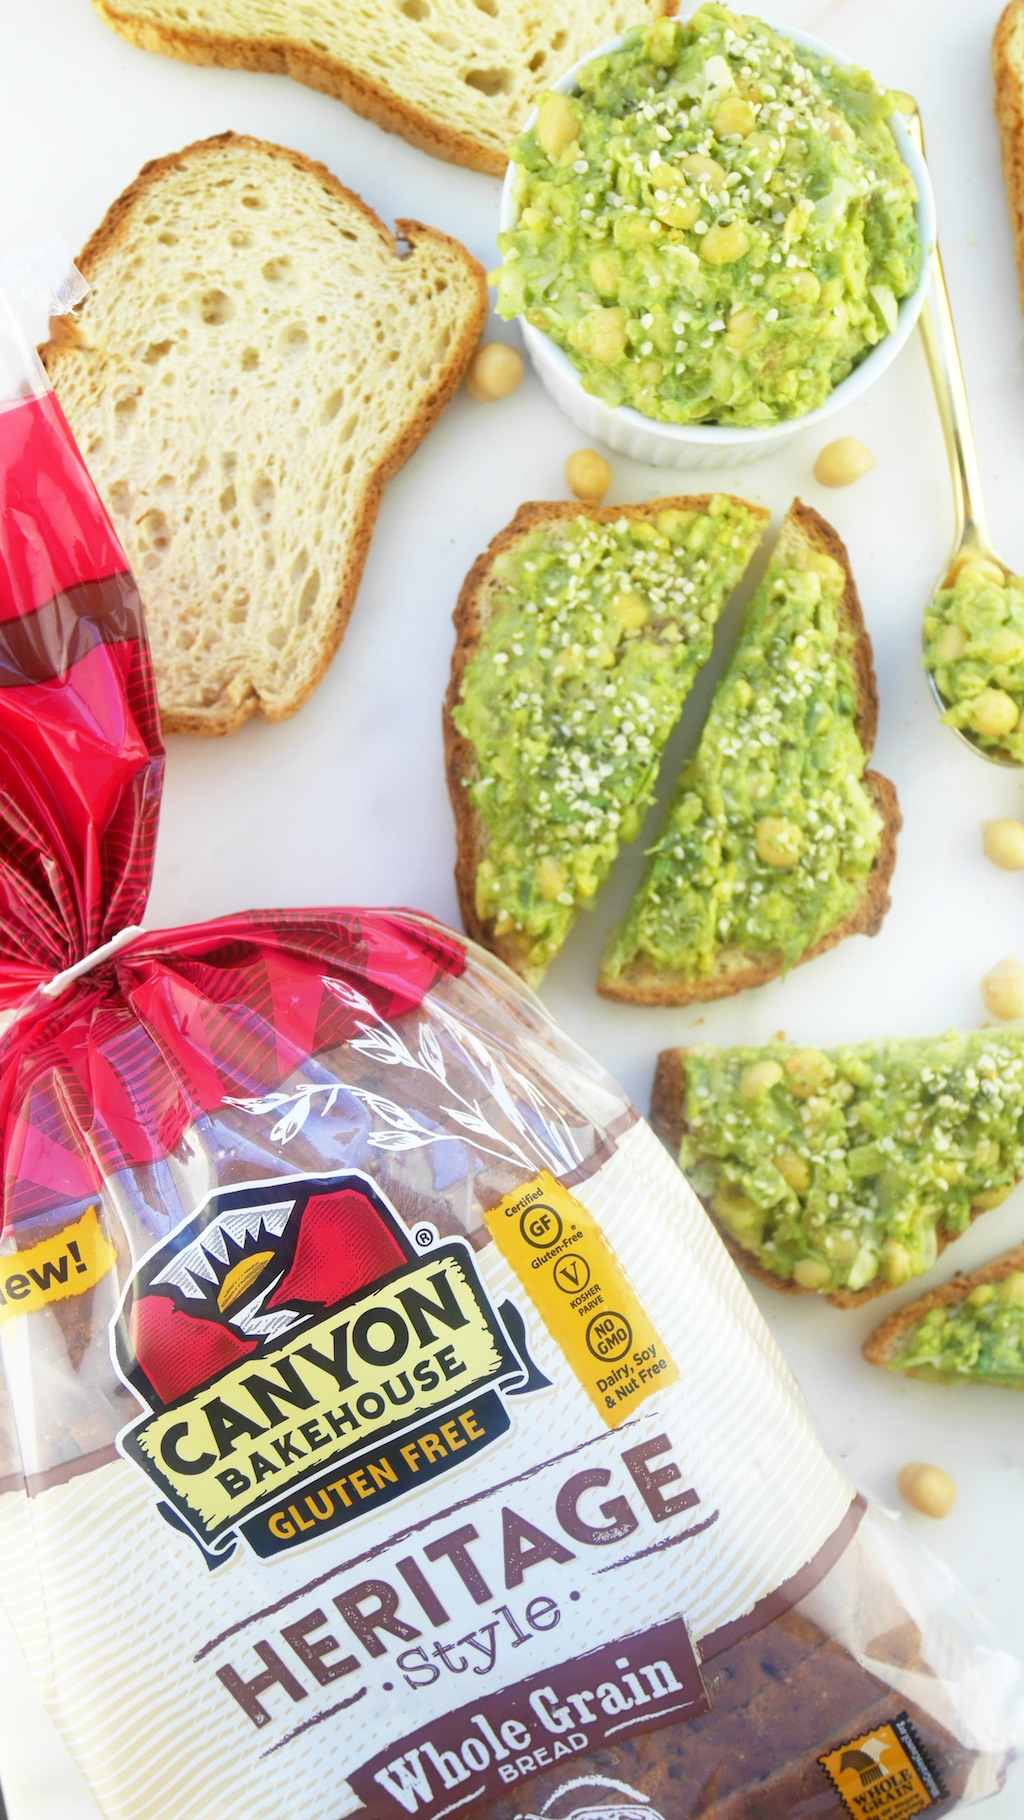 Canyon Bakehouse Gluten-Free Avocado Toast